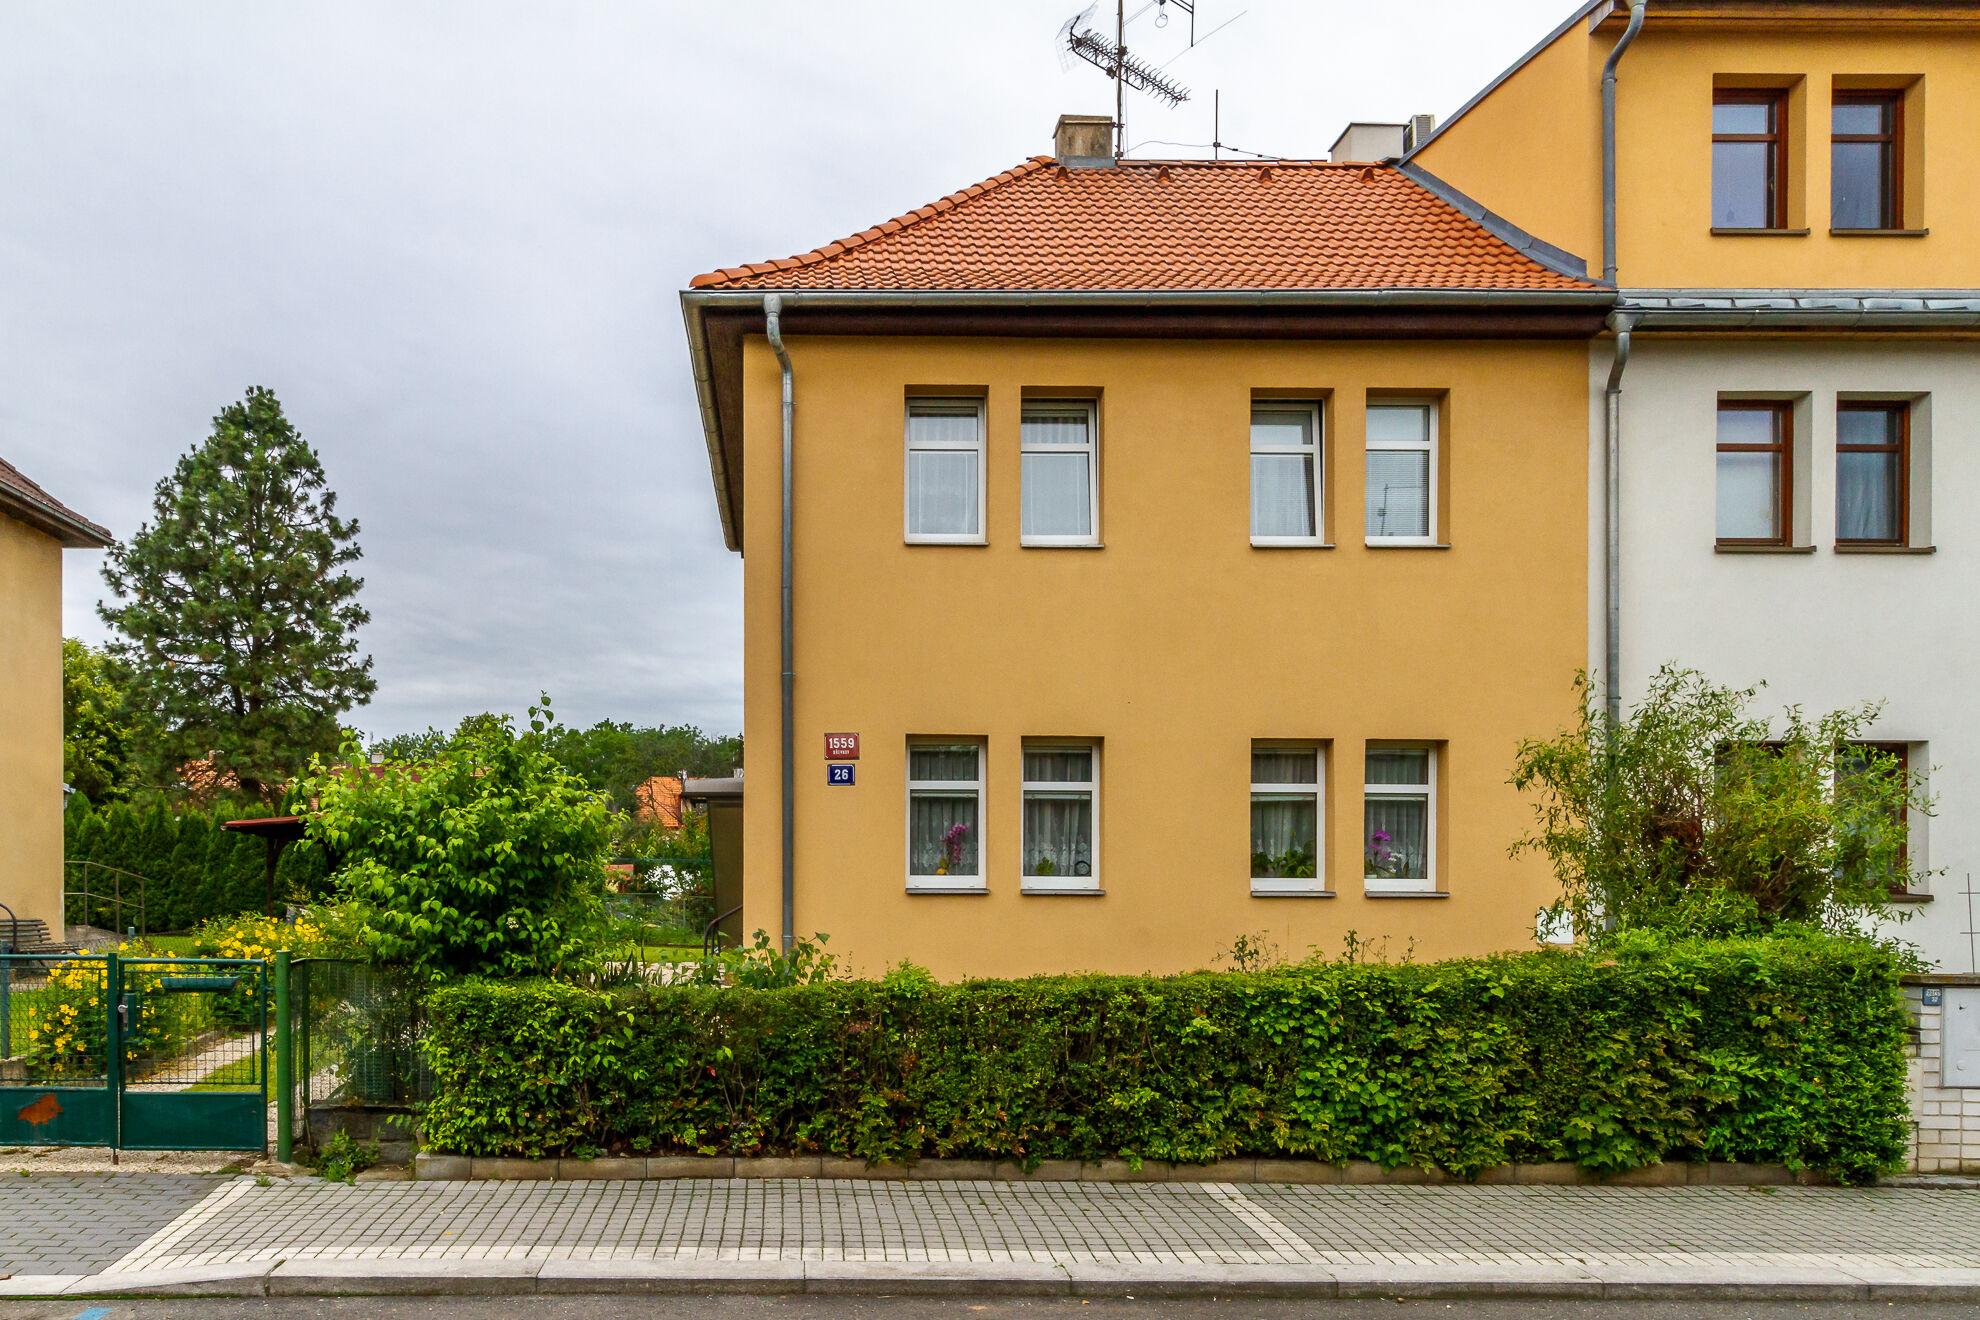 Prodej domu vosobním vlastnictví 139 m², Praha 6 - Břevnov